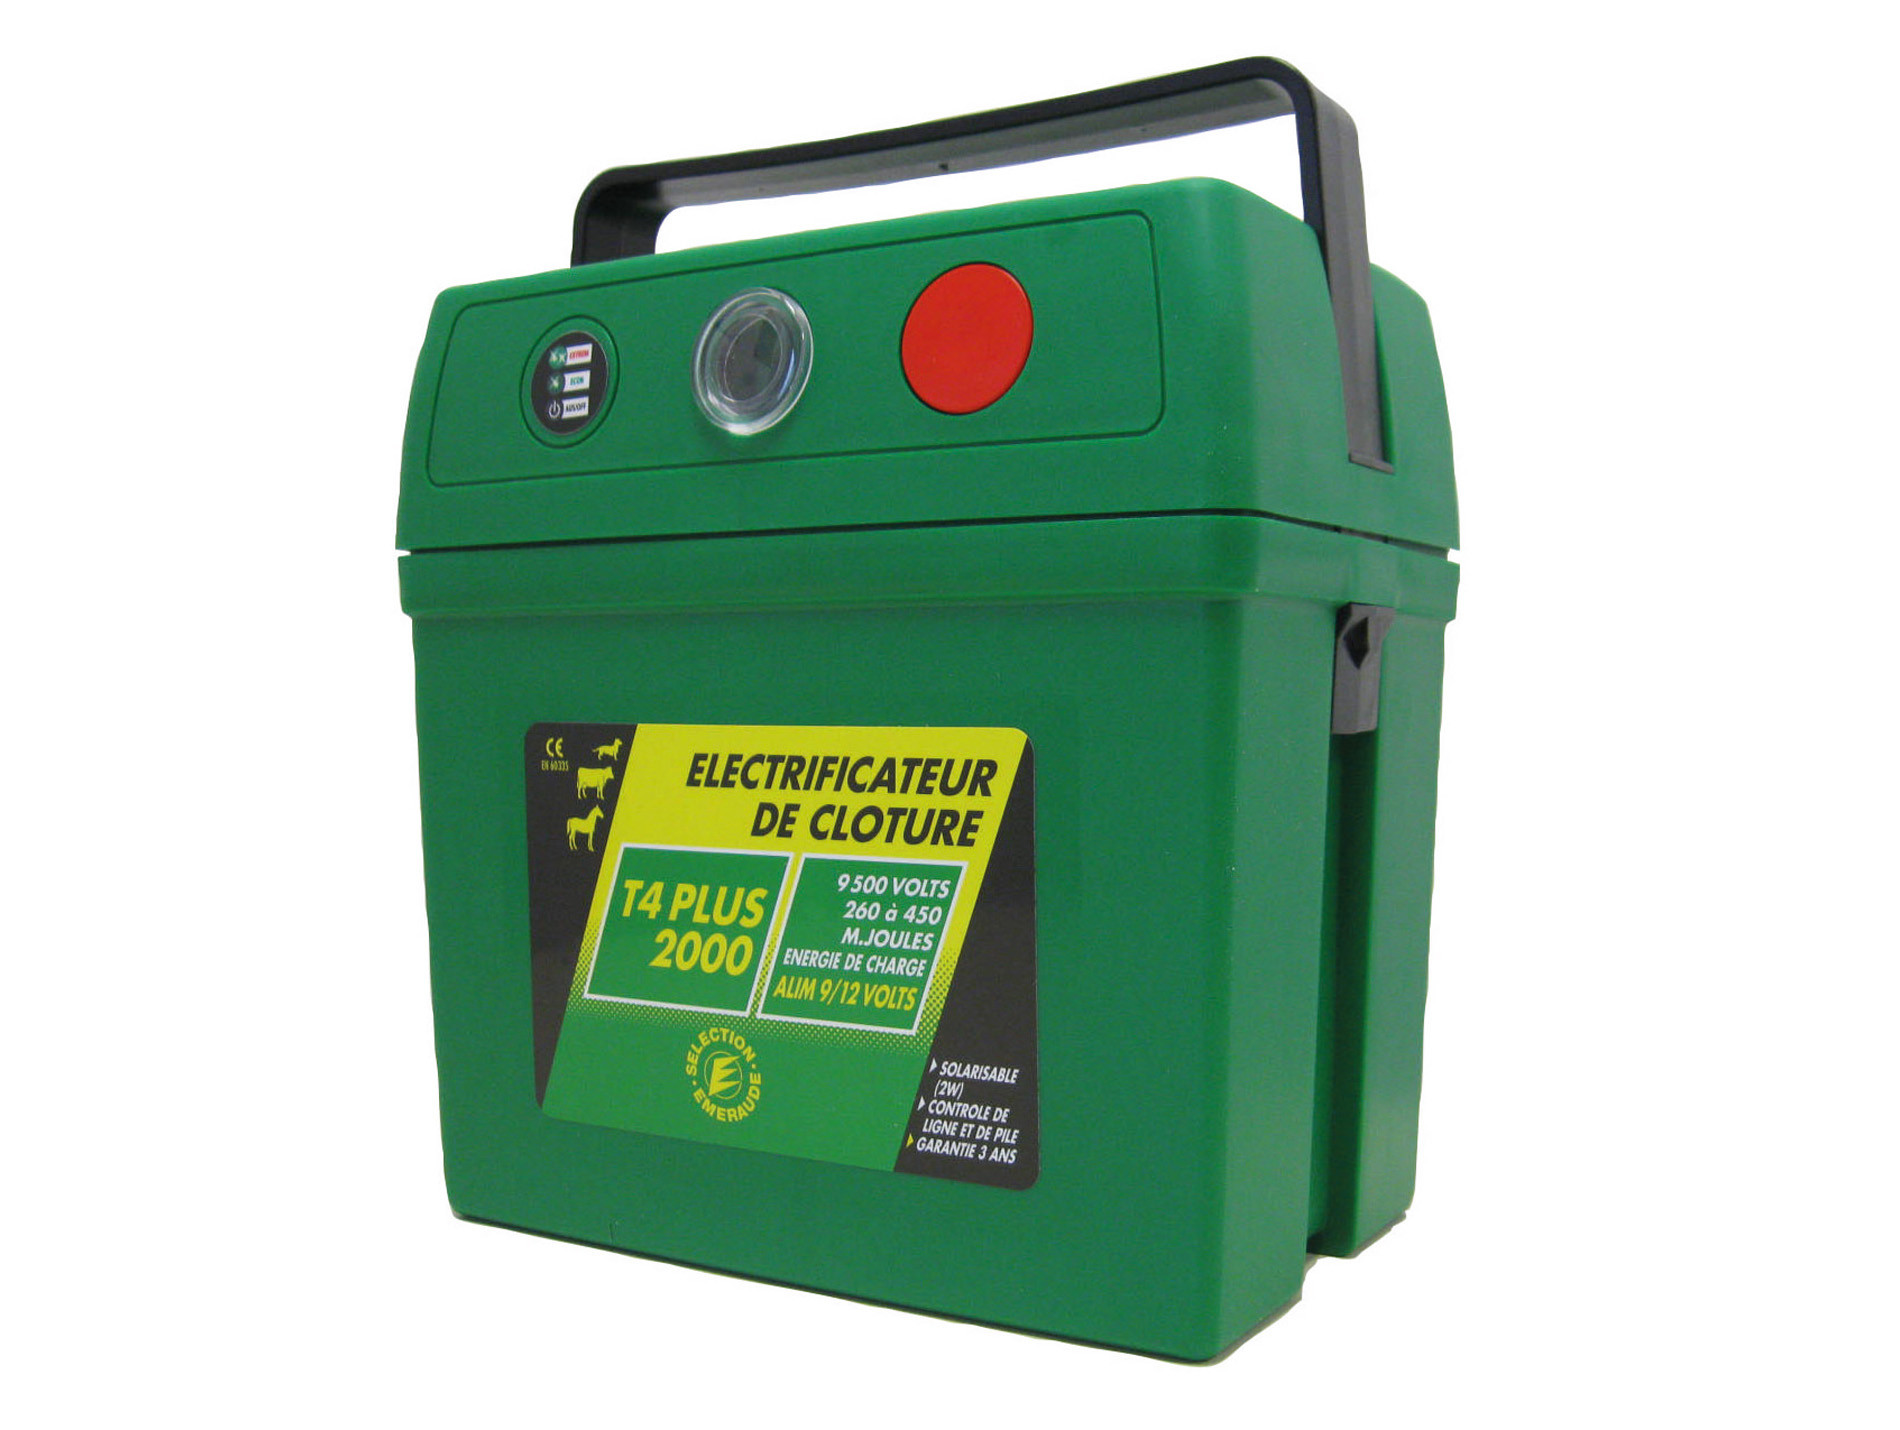 Electrificateur à pile T4 Plus 2000 9V 150/300mJ